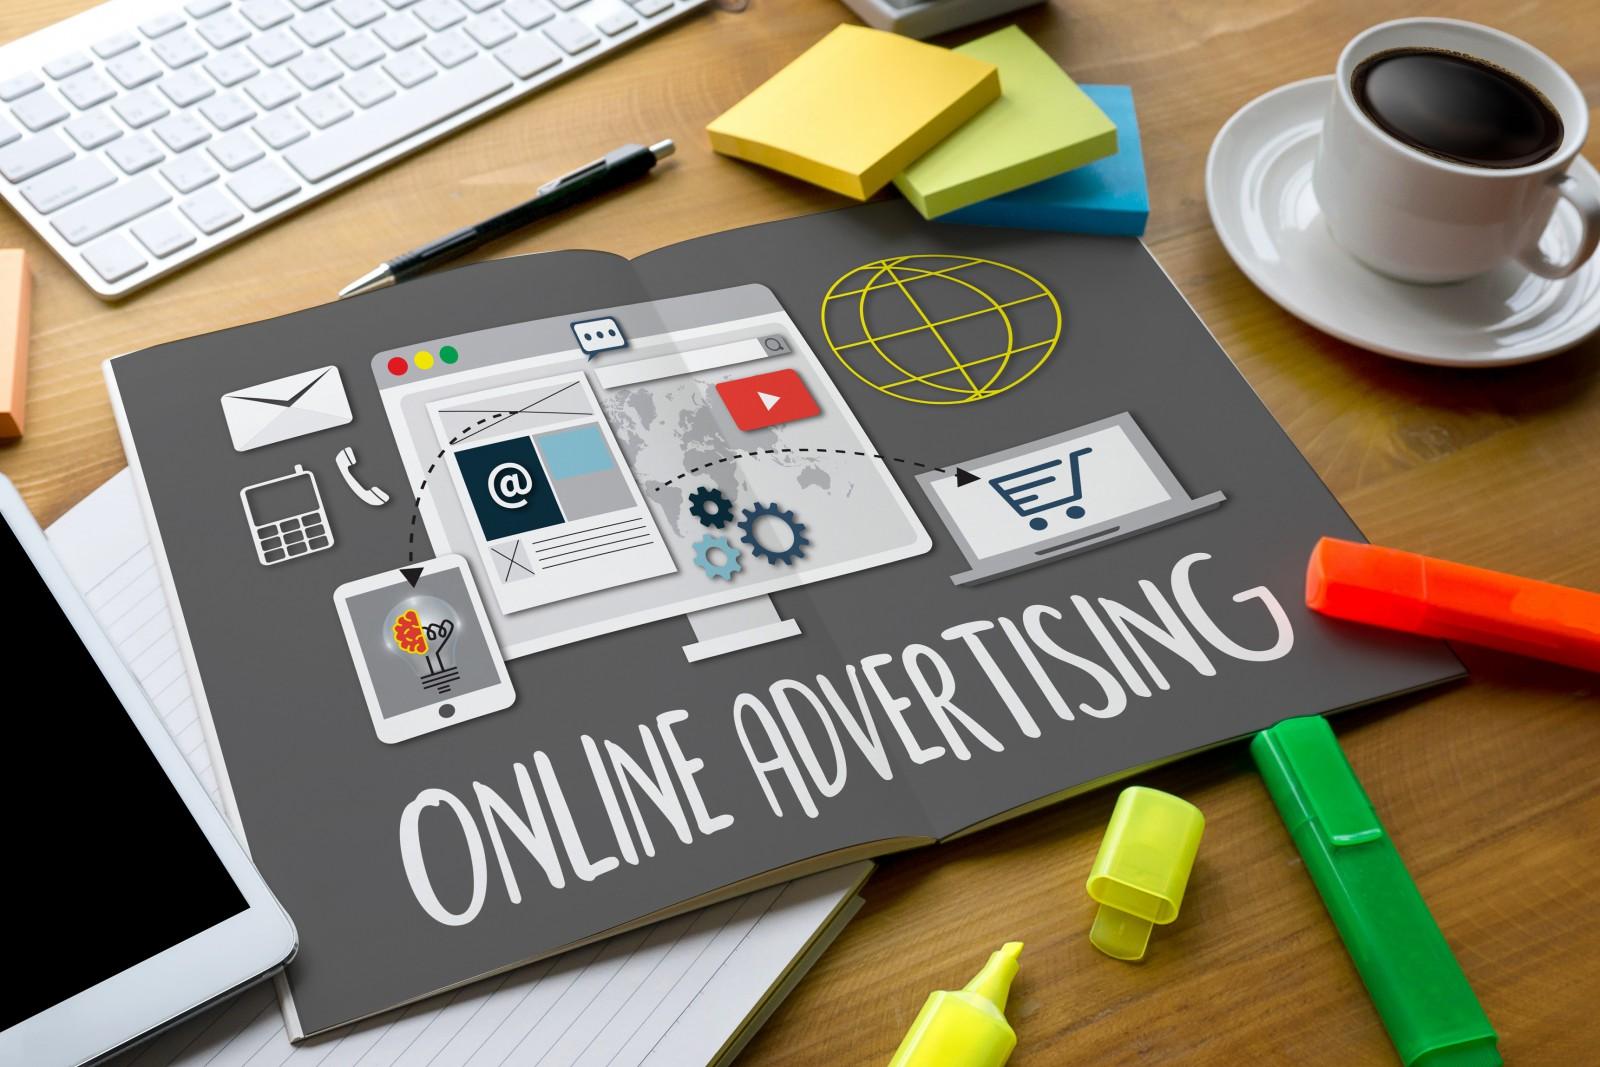 Bất chấp COVID-19, doanh thu quảng cáo trực tuyến năm 2020 vẫn tăng mạnh